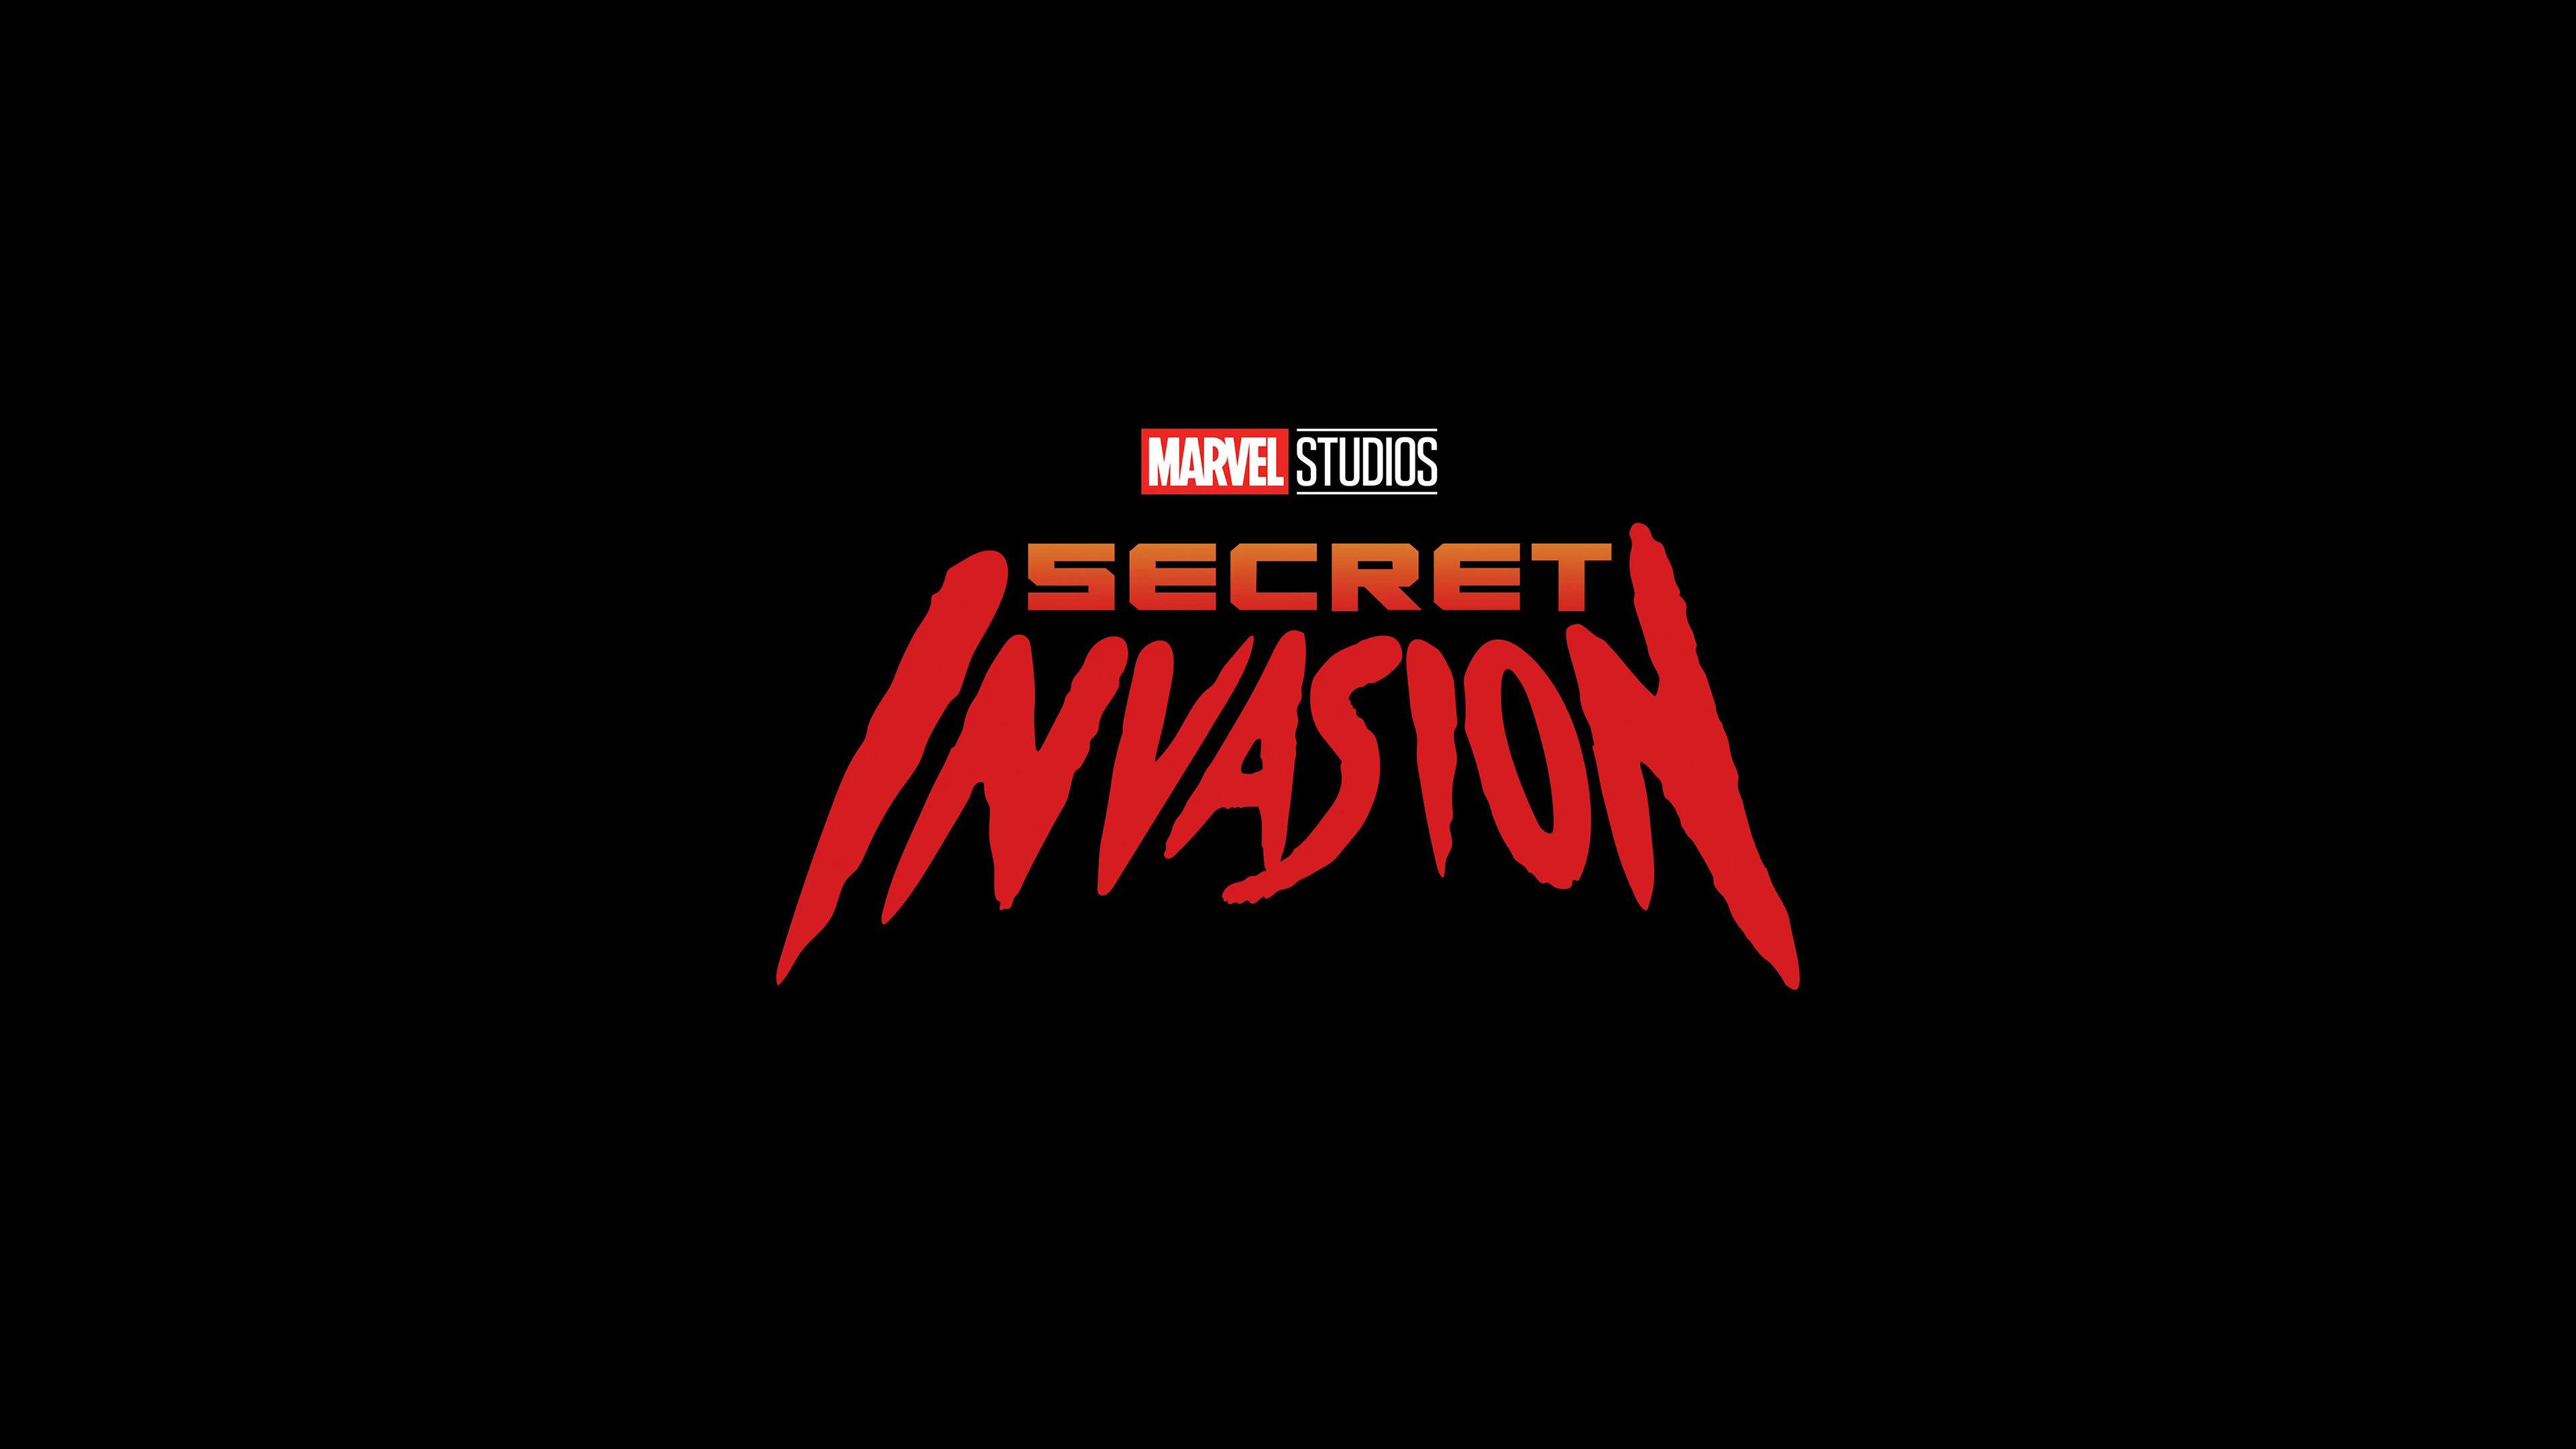 secret invasion 4k 1615203486 - Secret Invasion 4k - Secret Invasion 4k wallpapers